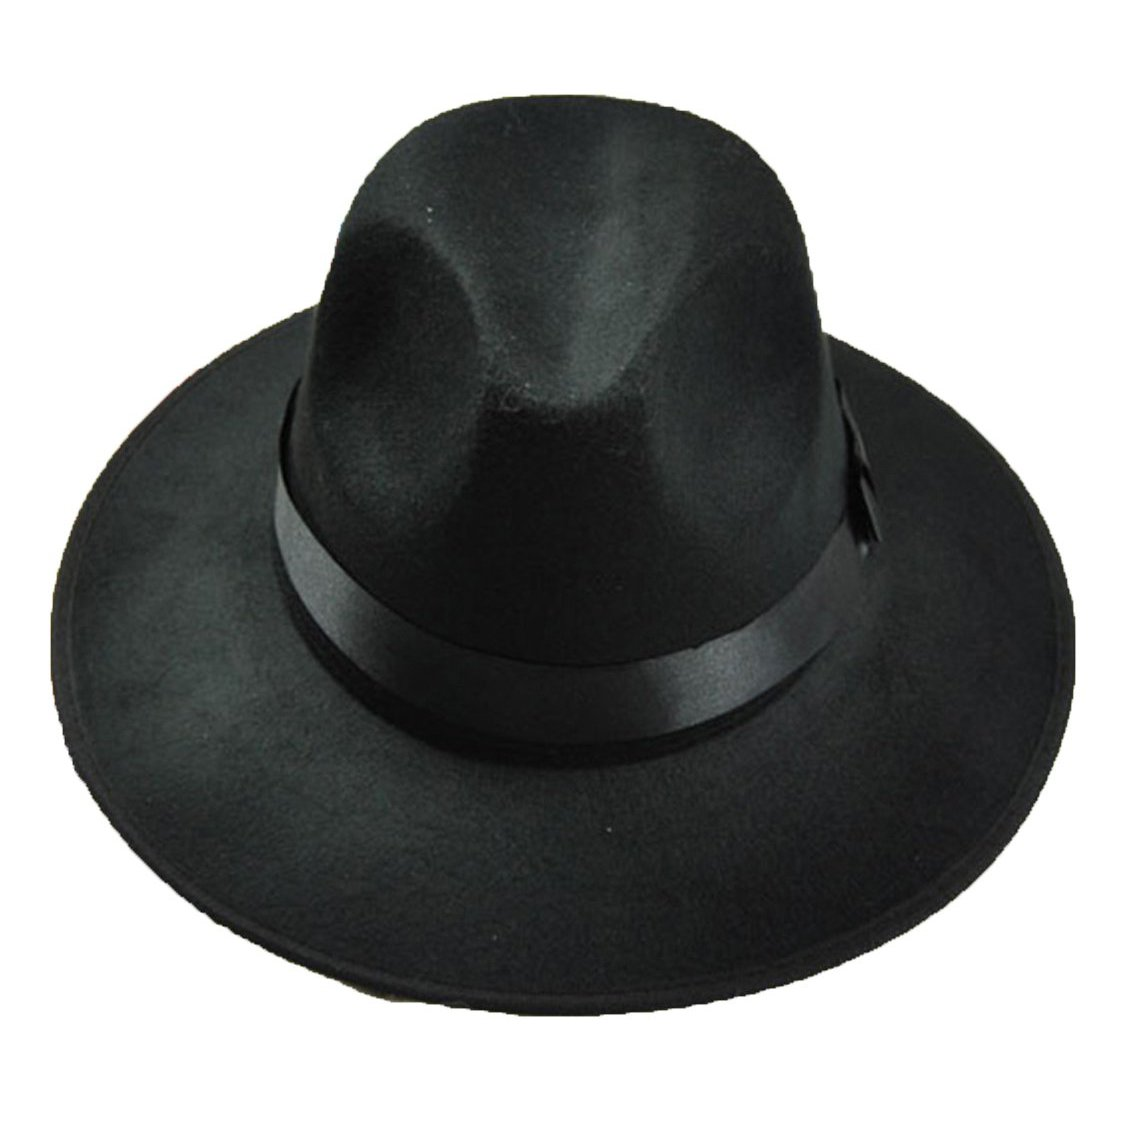 SODIAL(R)Bombetta Floppy Cloche fiocco cappello di feltro di stile di Fedora